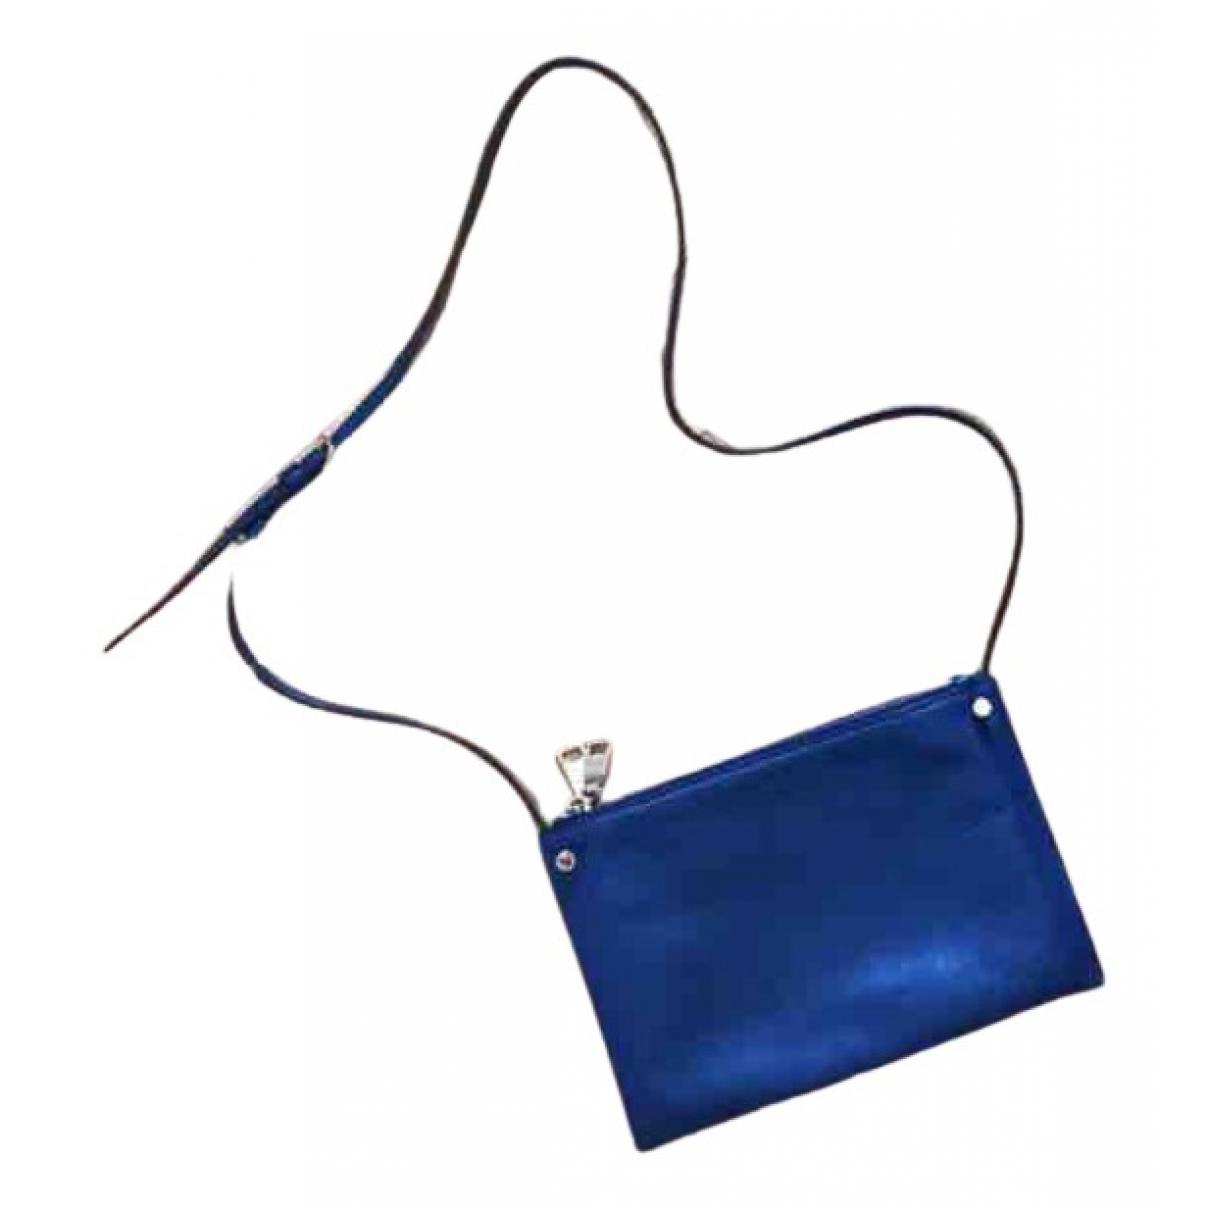 Sandro Addict Handtasche in  Blau Leder